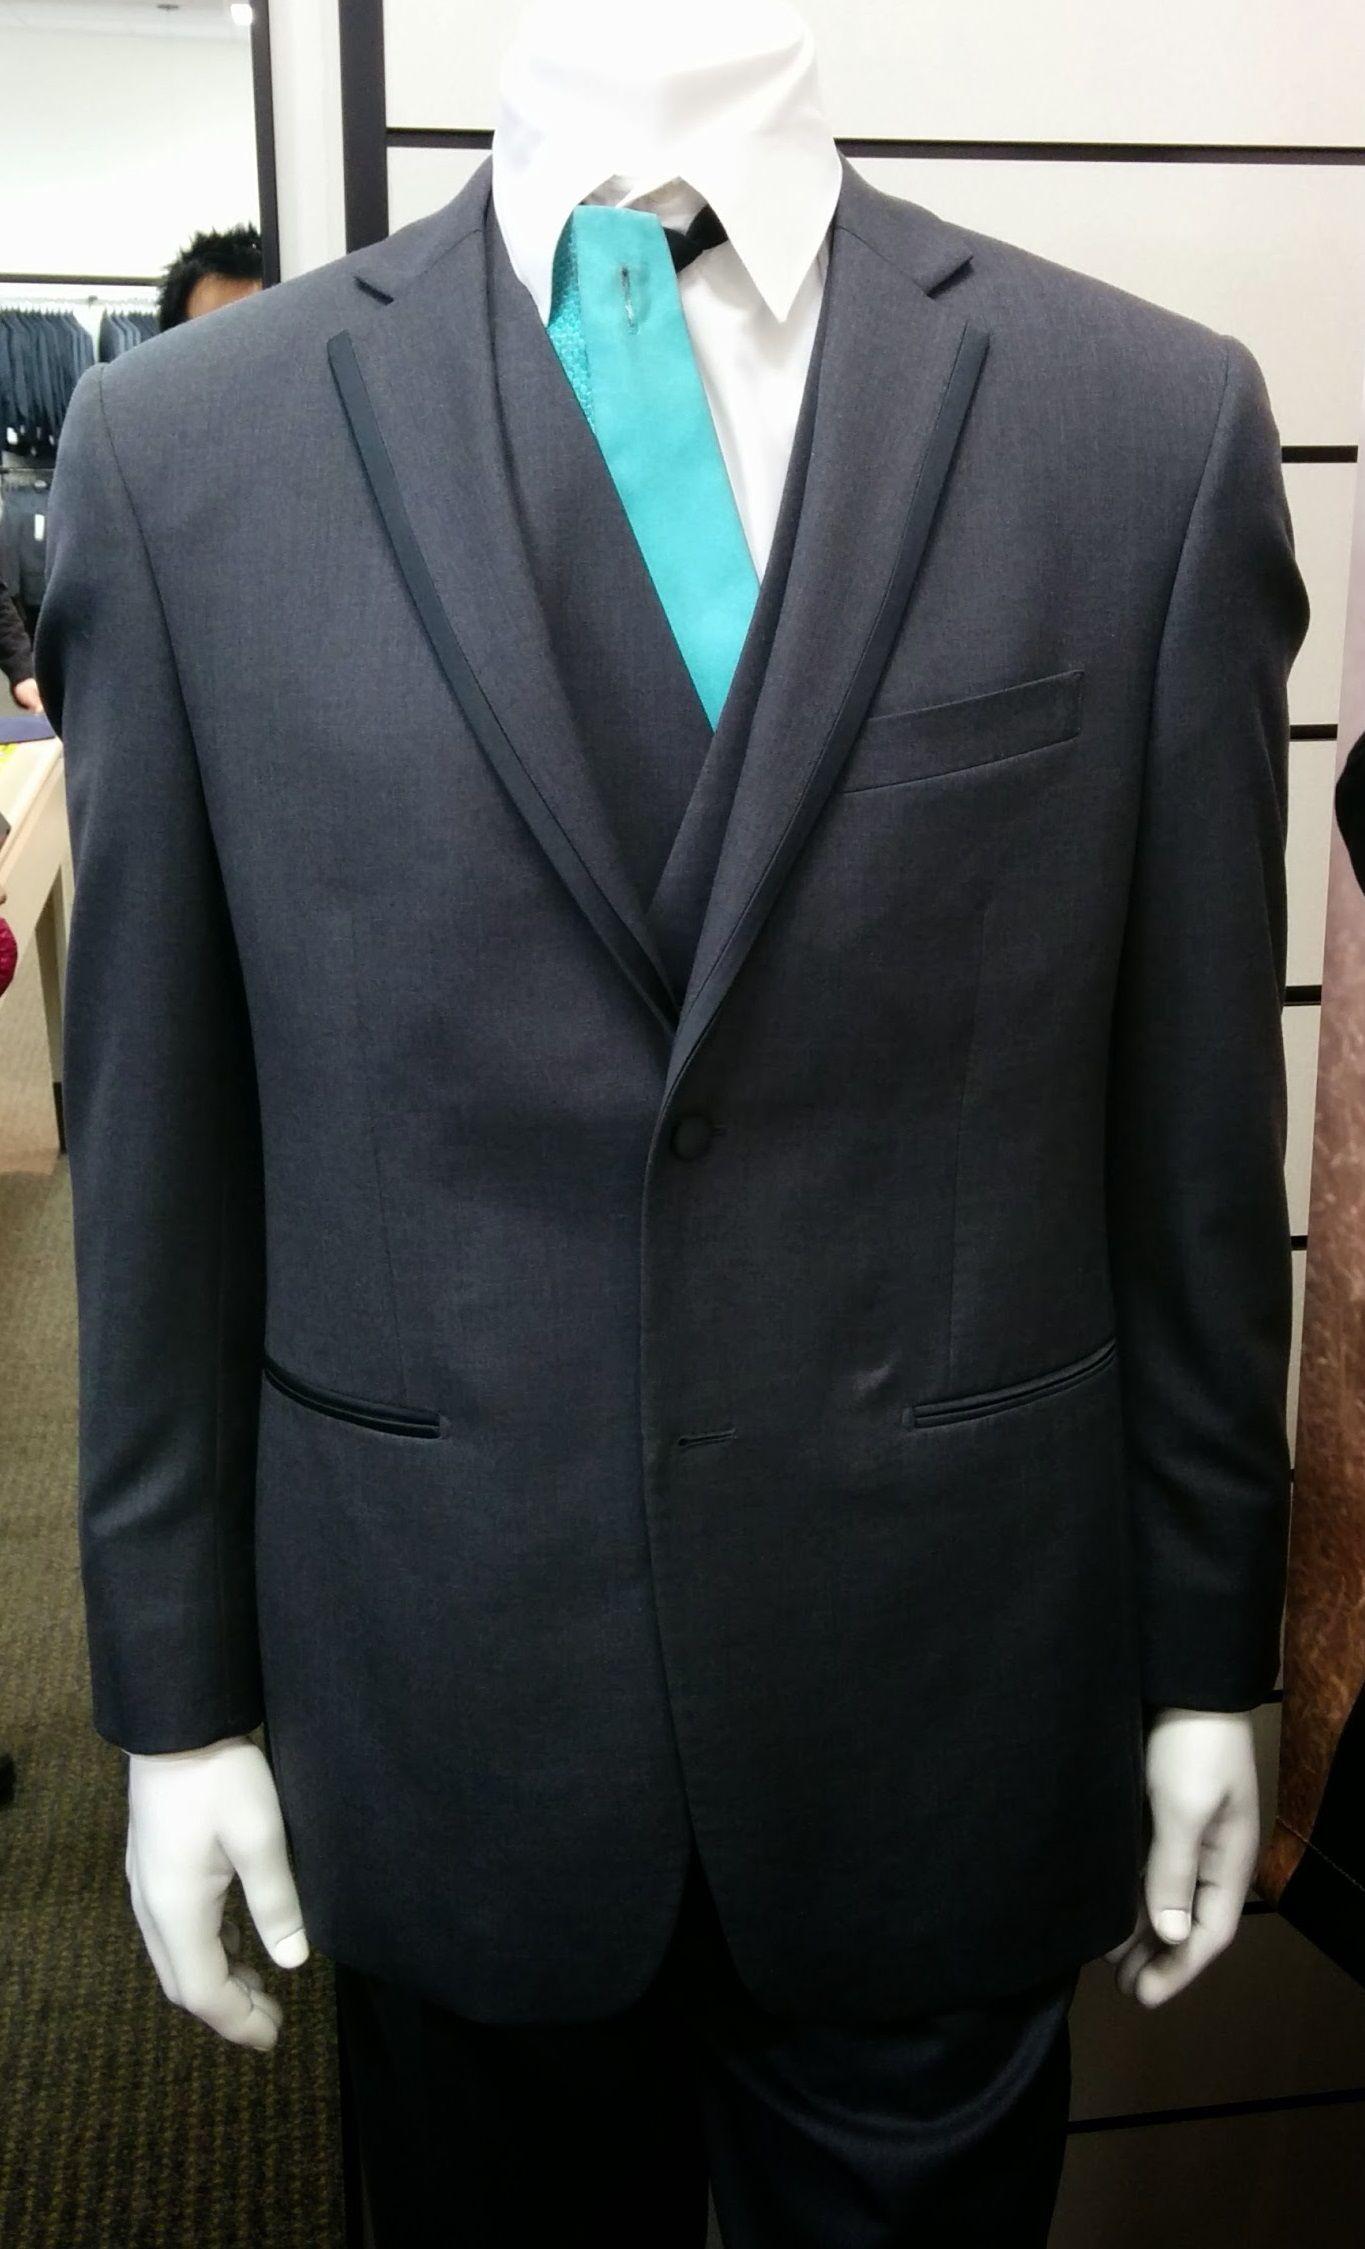 Mens wearhouse Vera Wang Grey suit tuxedo rental w/ spa